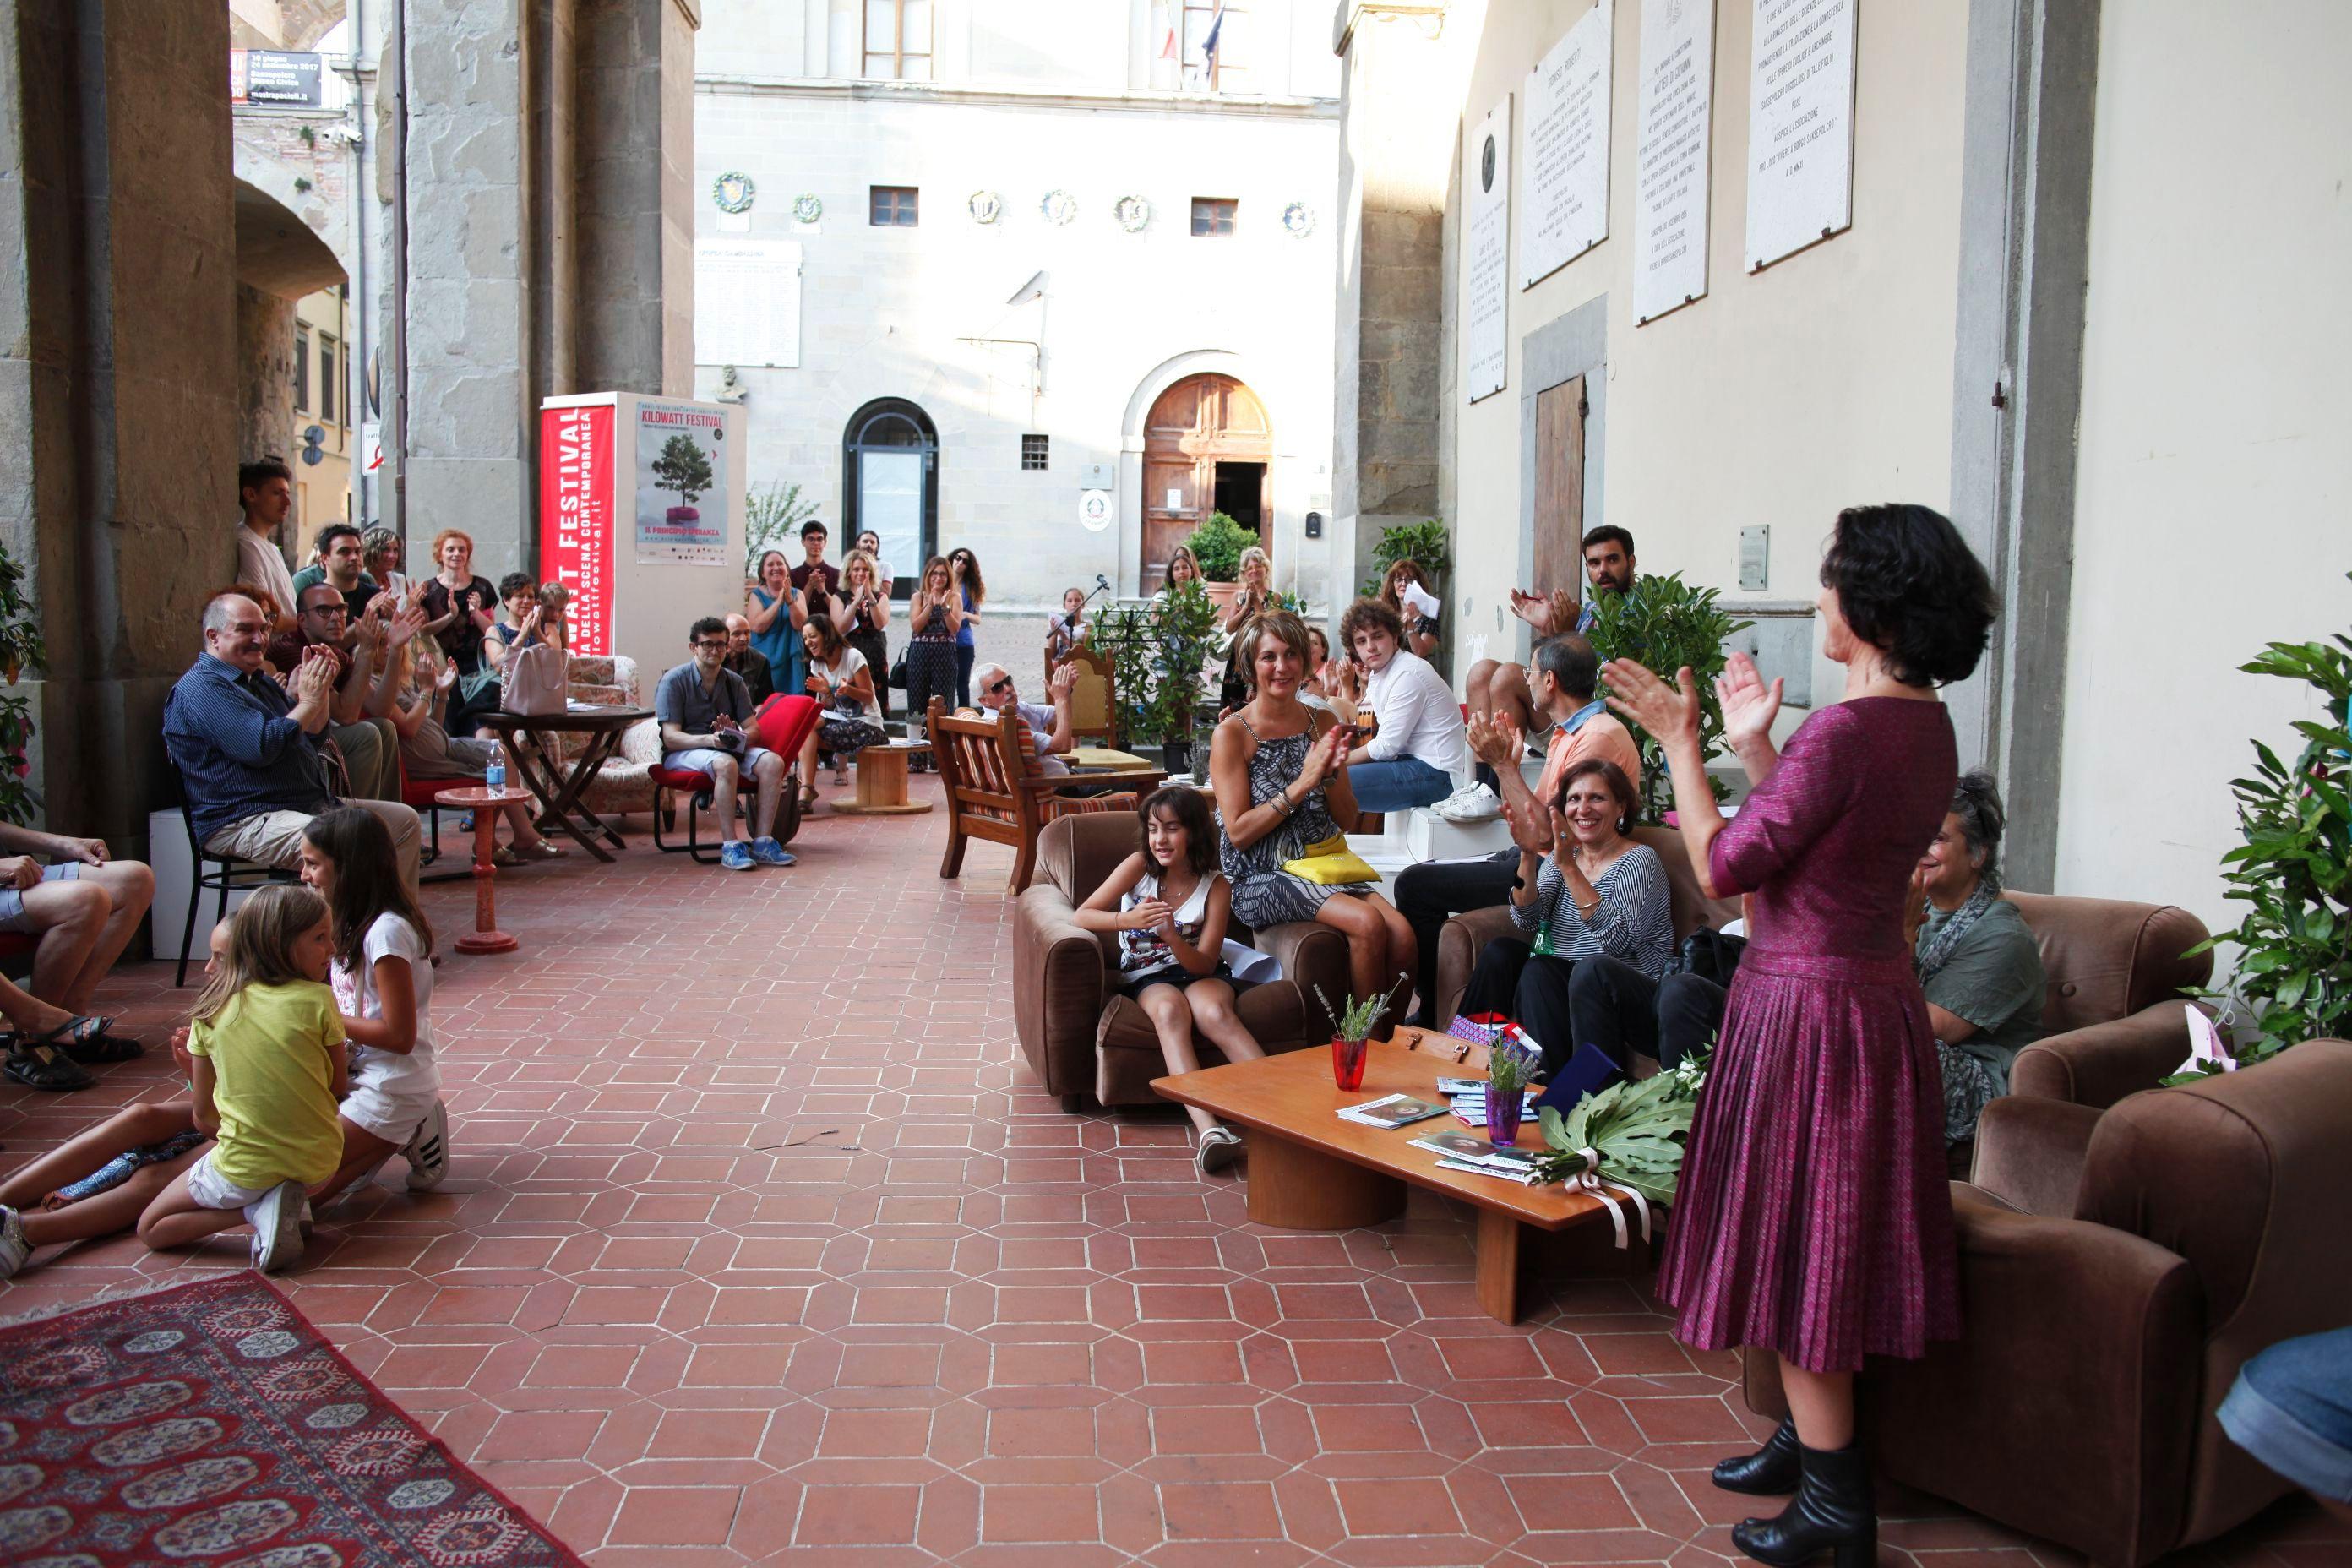 Lettura pubblica Miniature Campianesi: i cittadini di Sanspolcro per Ermanna Montanari. Foto ©Luca Del Pia